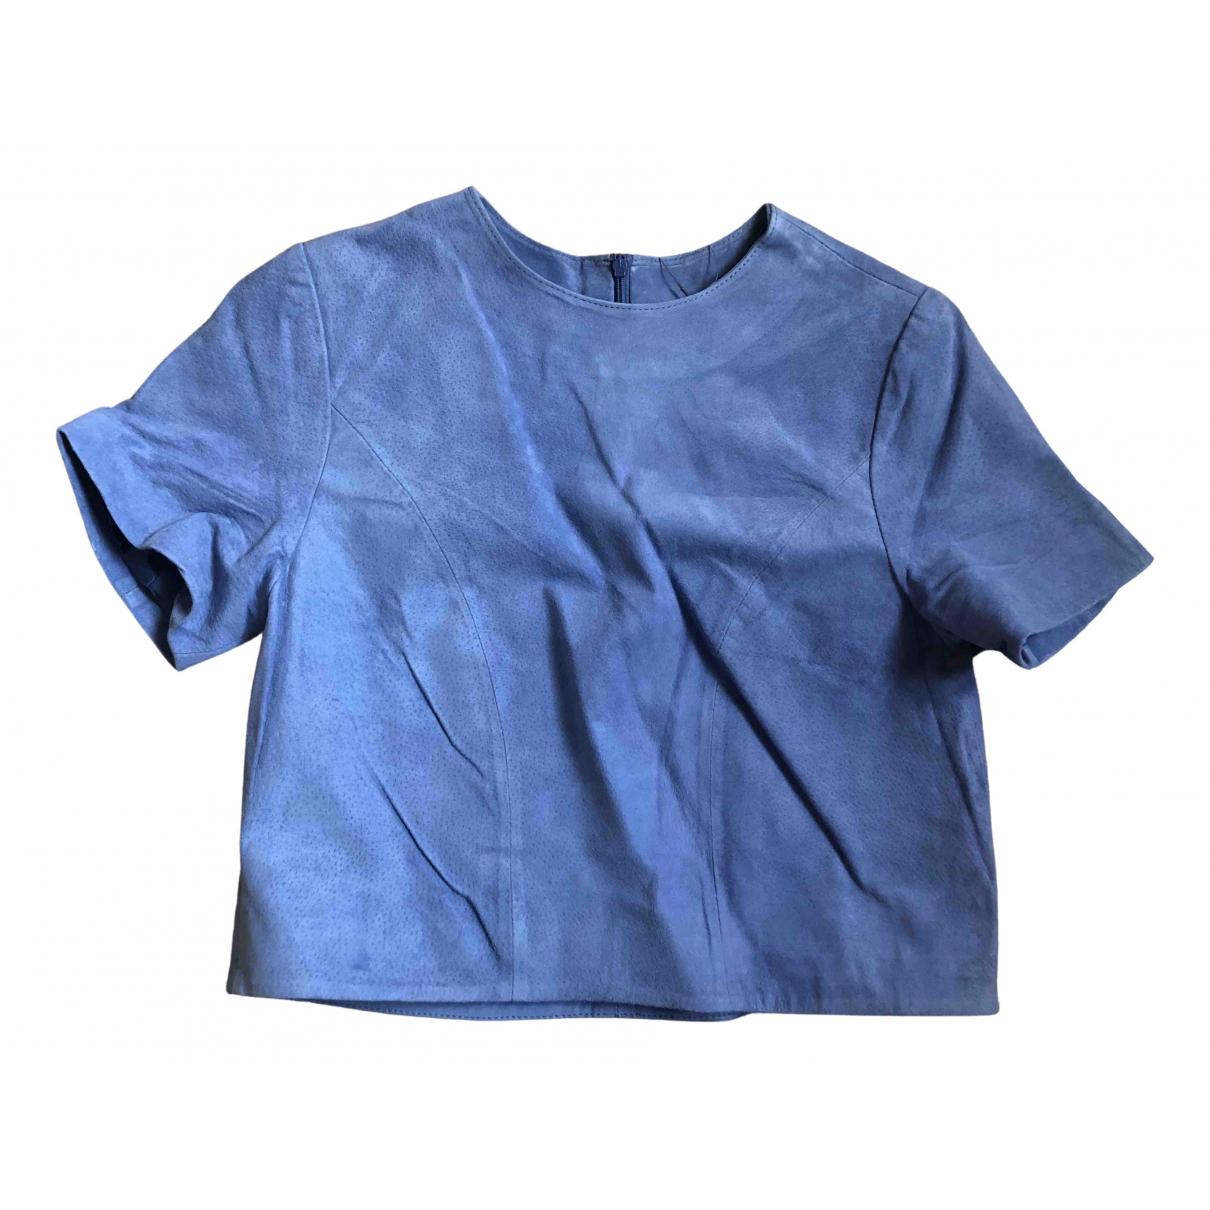 Asos - Top   pour femme en cuir - bleu